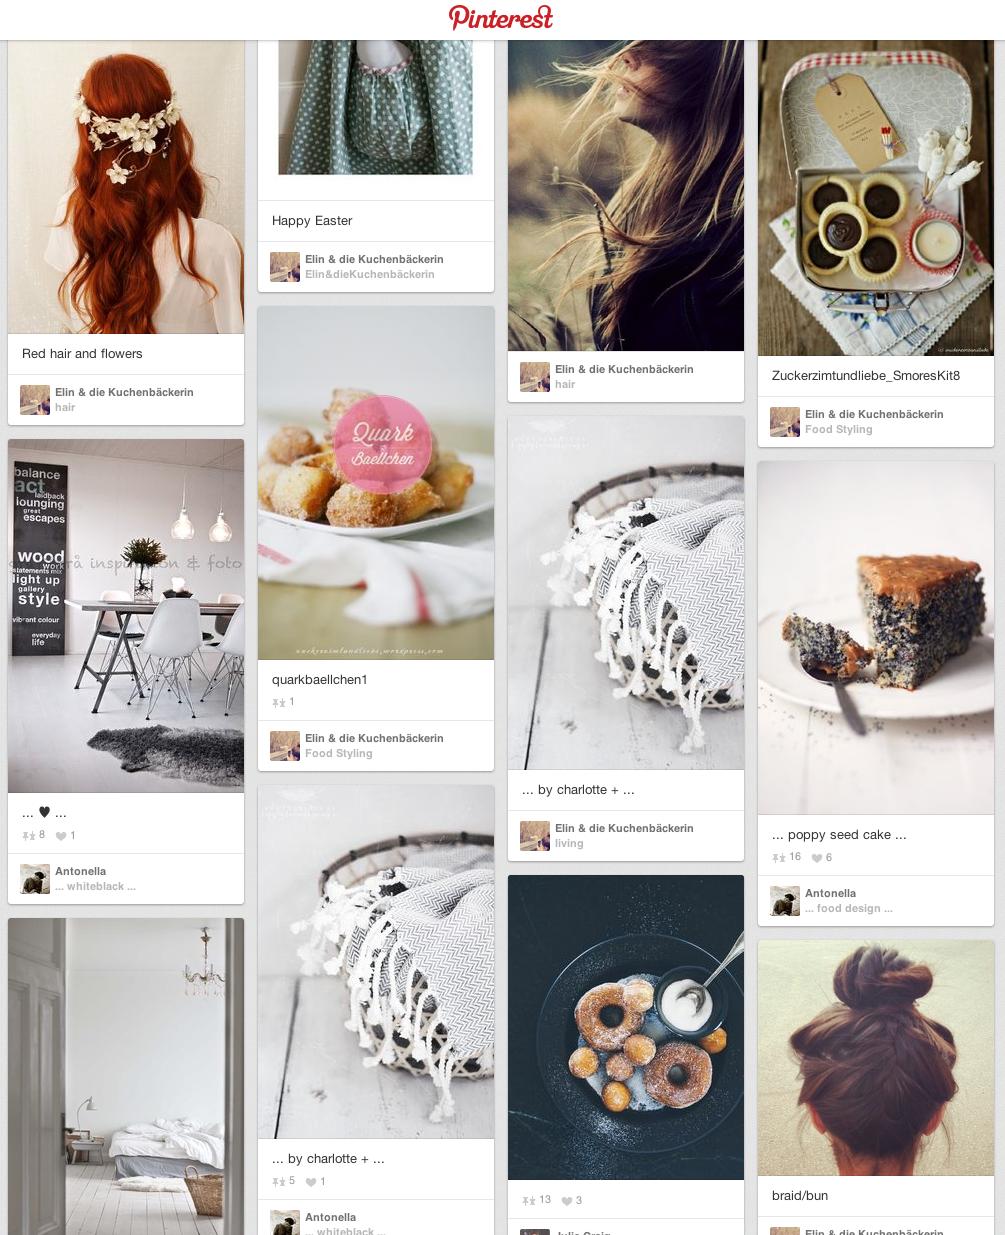 Schöne Dinge entdecken auf Pinterest